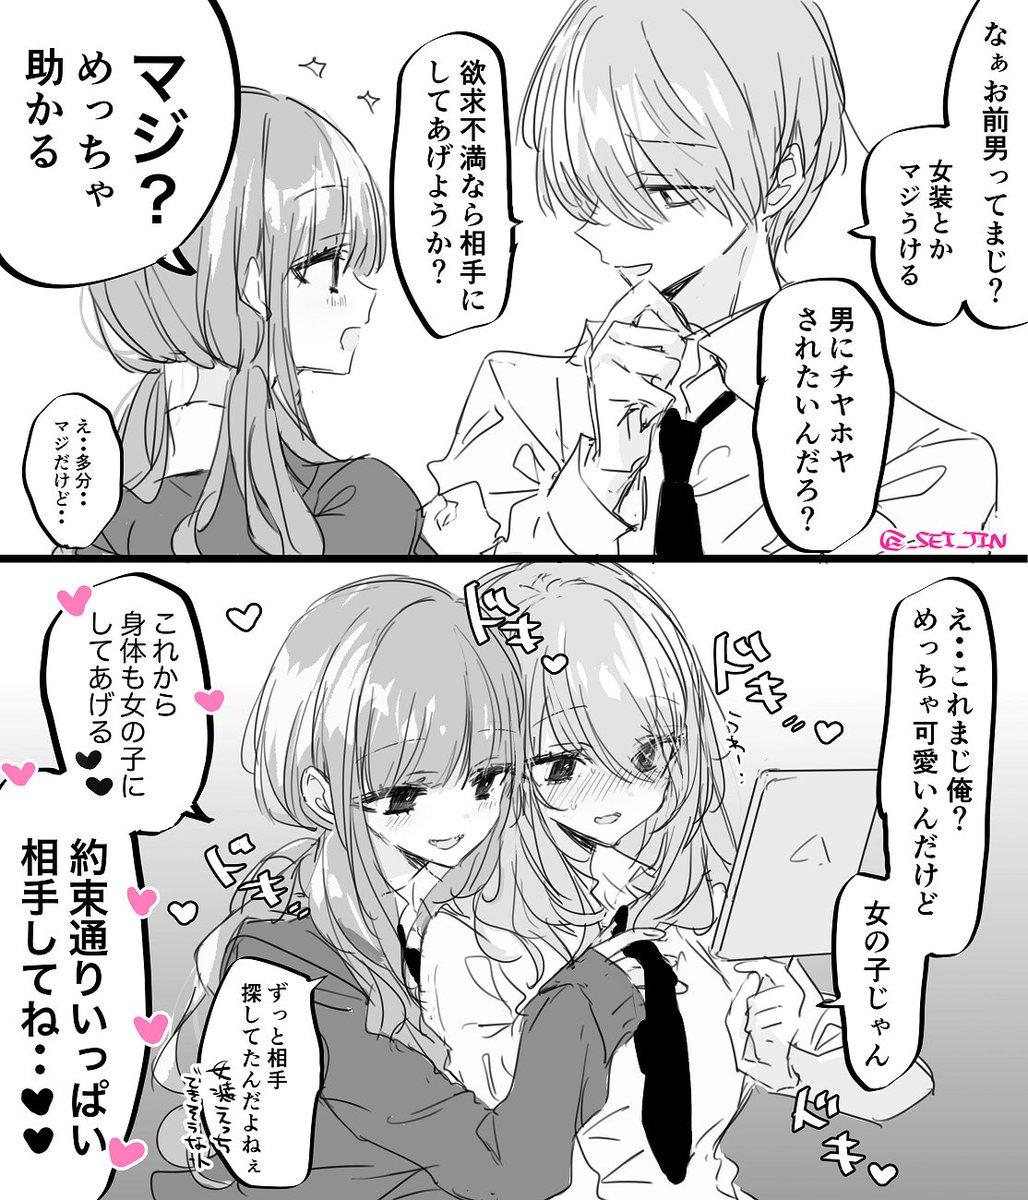 女装とかキッショ〜w